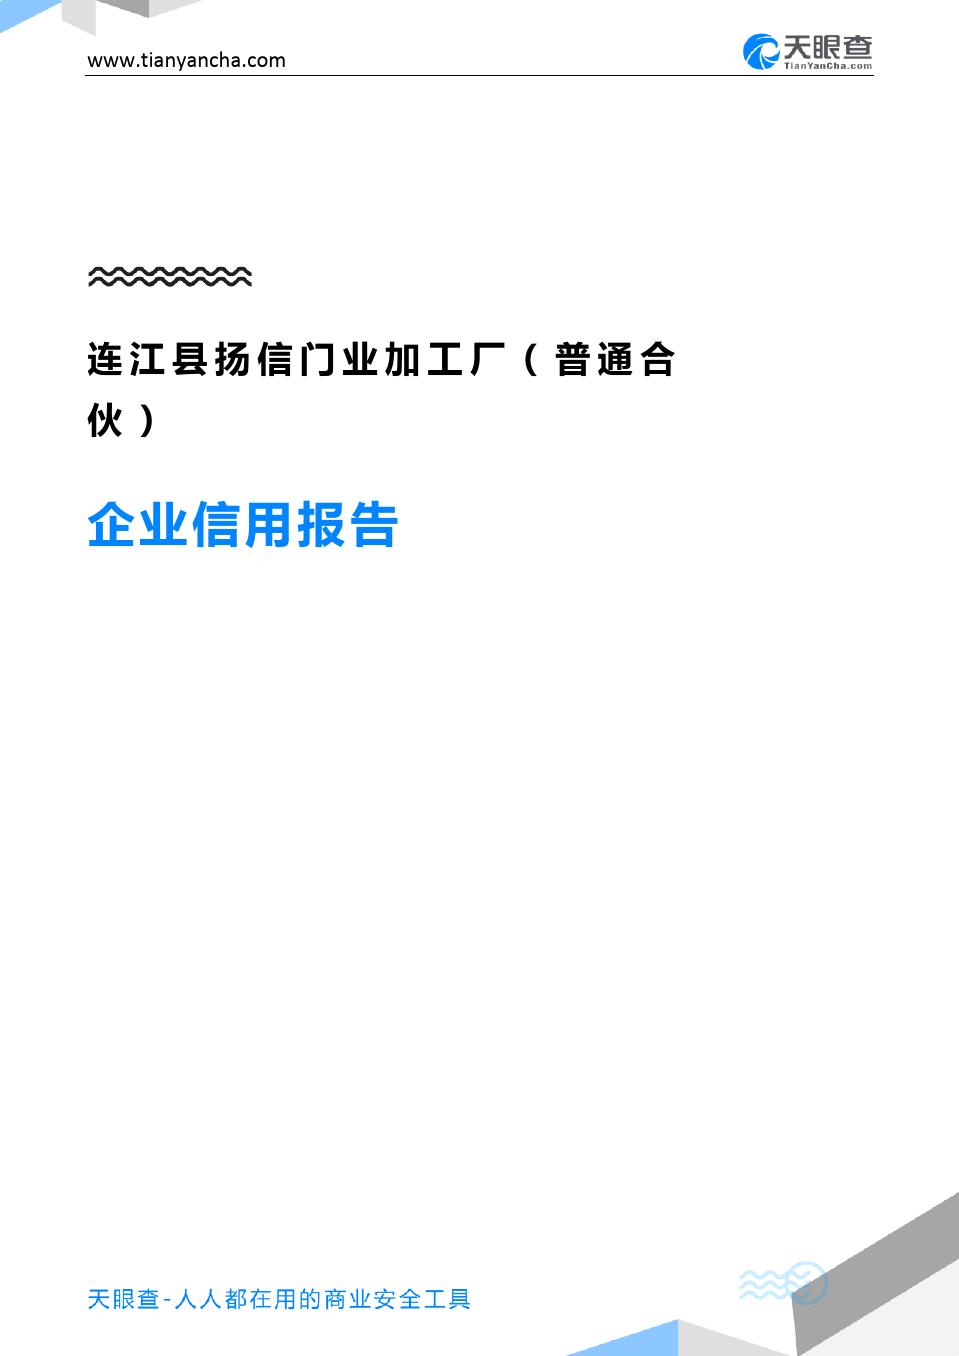 连江县扬信门业加工厂(普通合伙)企业信用报告-天眼查